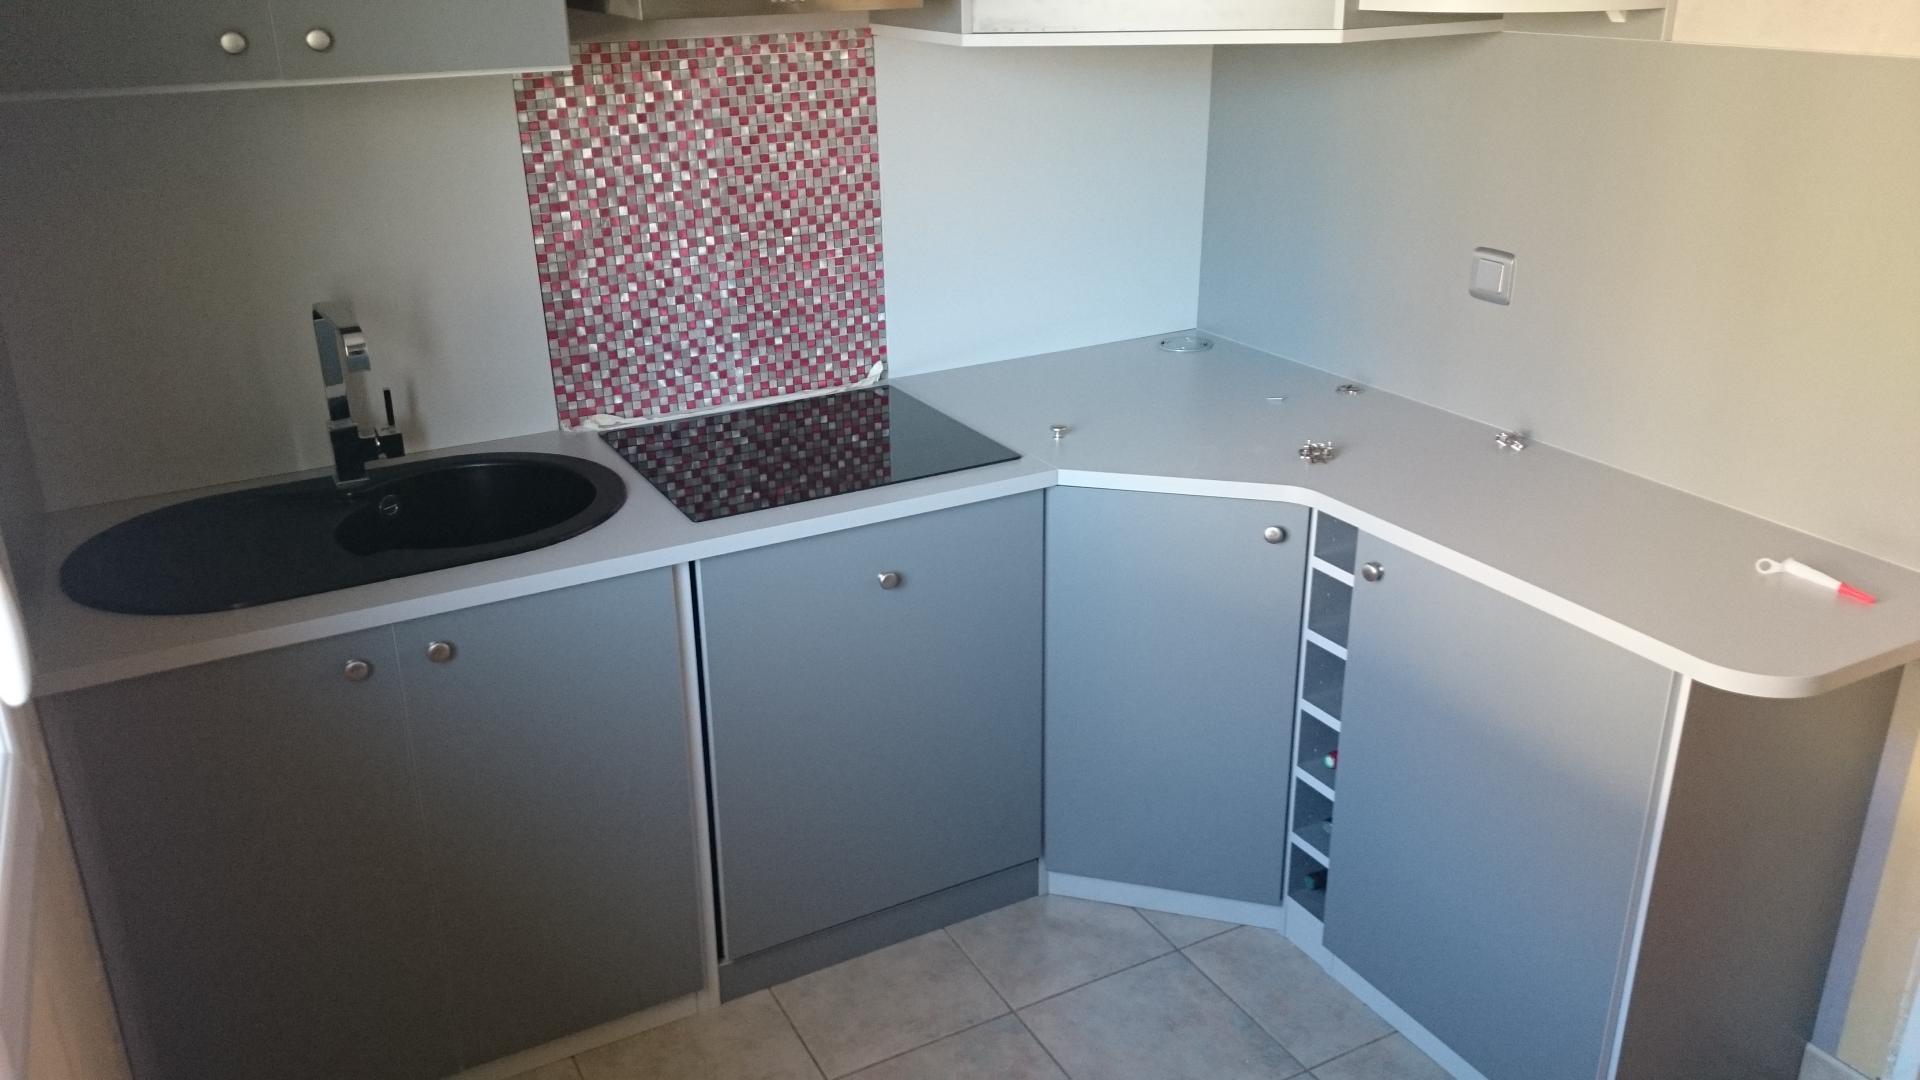 relooker votre cuisine changer vos fa ades plan de travail. Black Bedroom Furniture Sets. Home Design Ideas